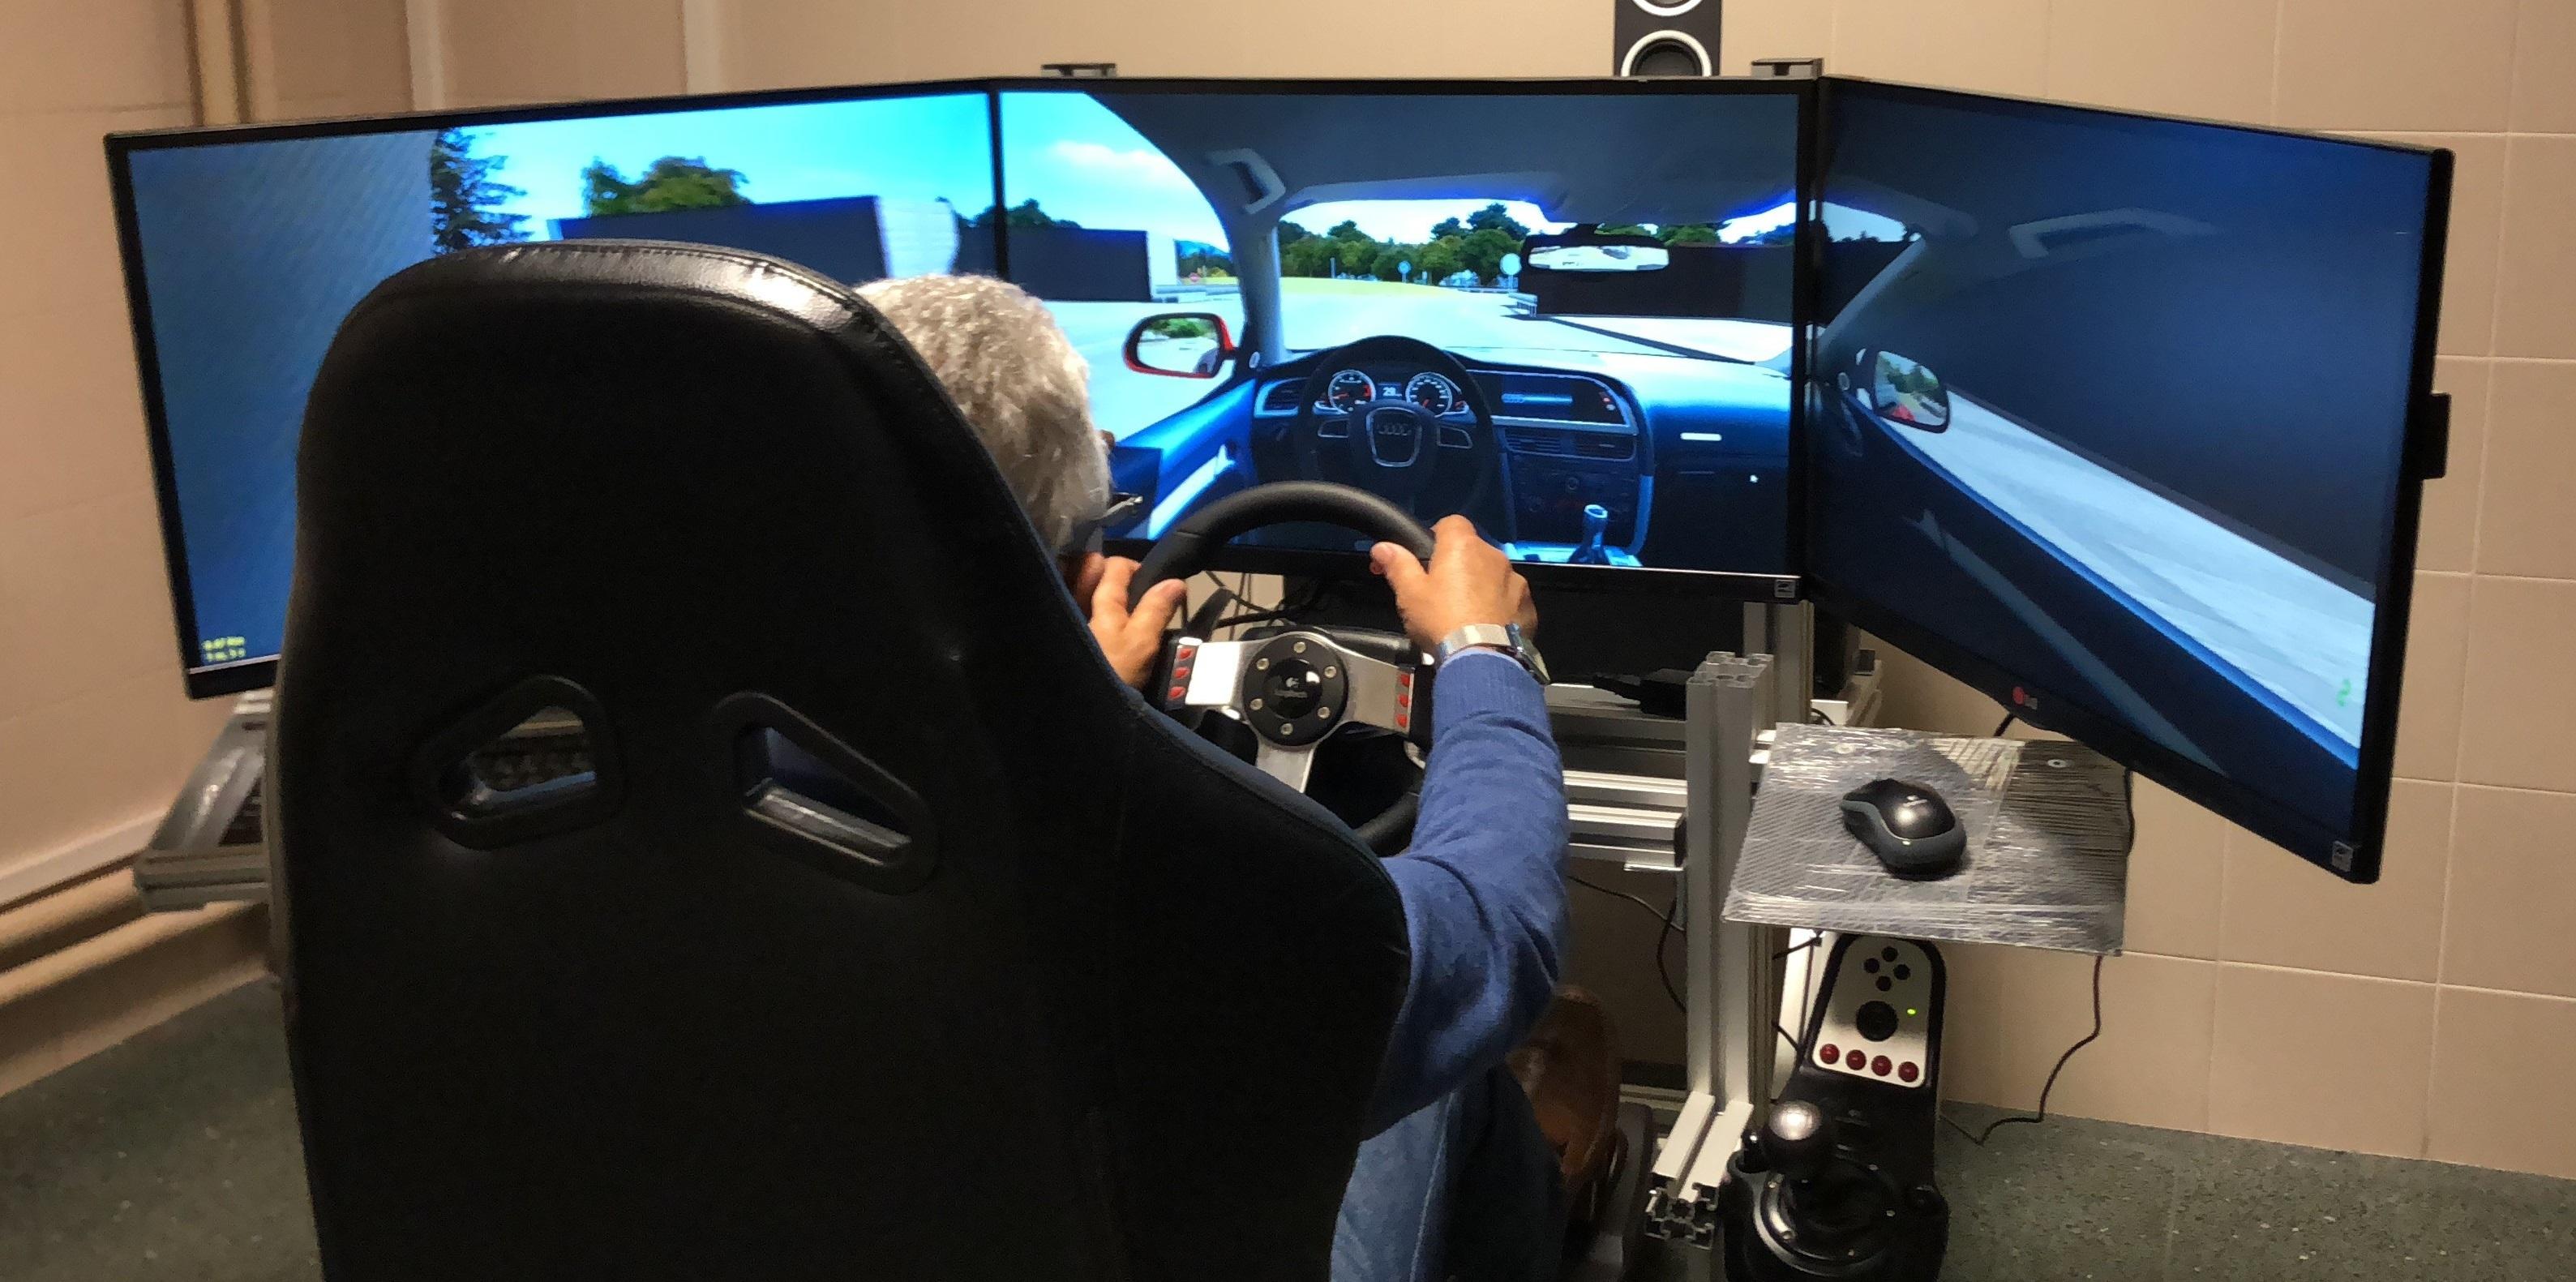 Científicos de la UGR determinan qué parámetros visuales podrían predecir la capacidad de conducir de forma segura